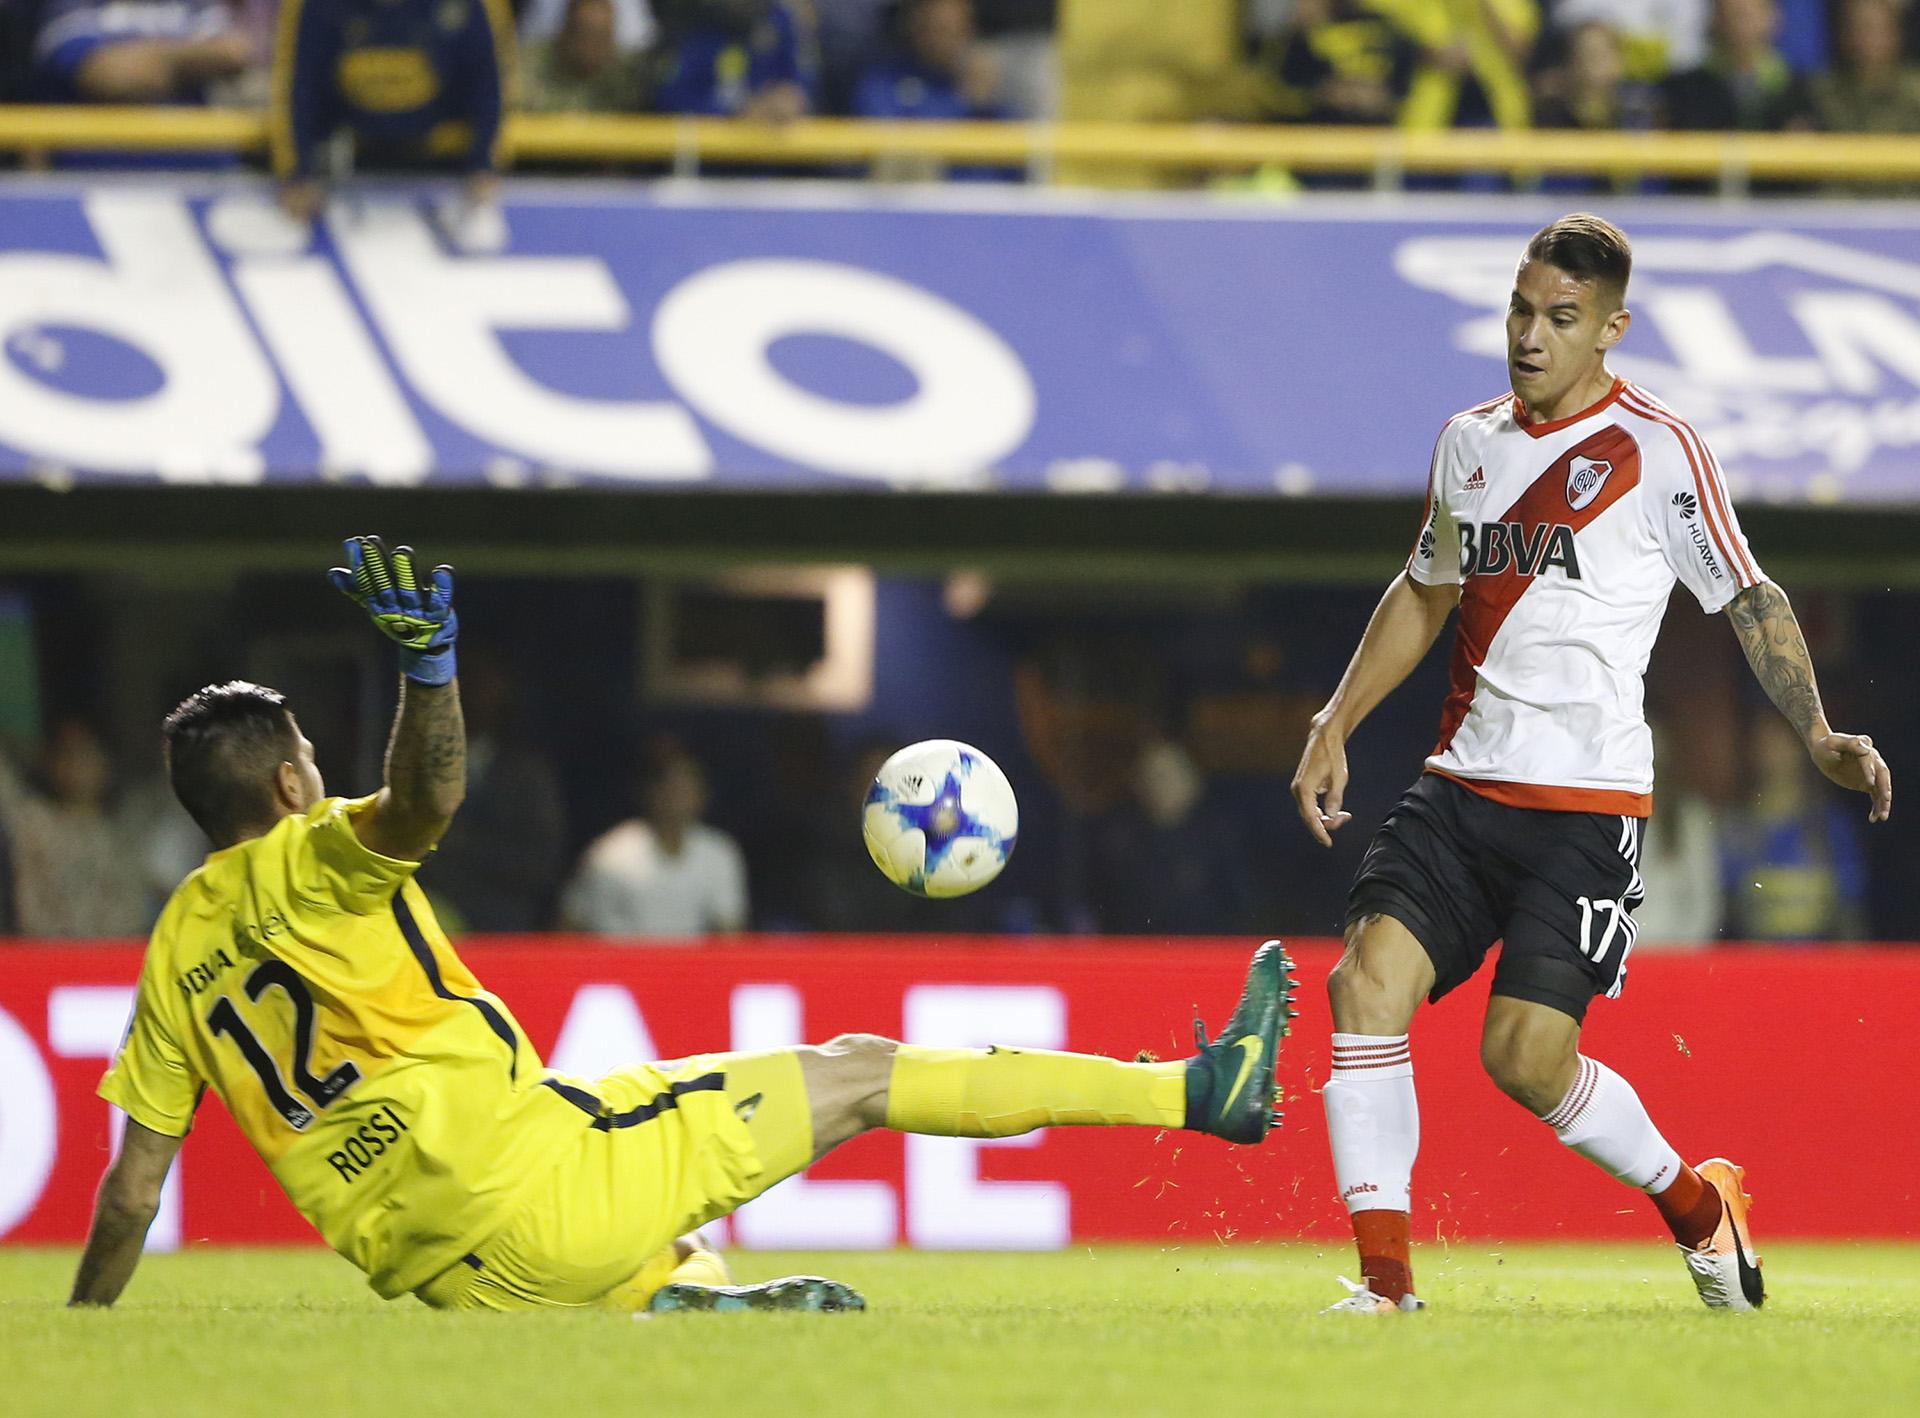 El arquero Agustín Rossi tapa el remate de Carlos Auzqui